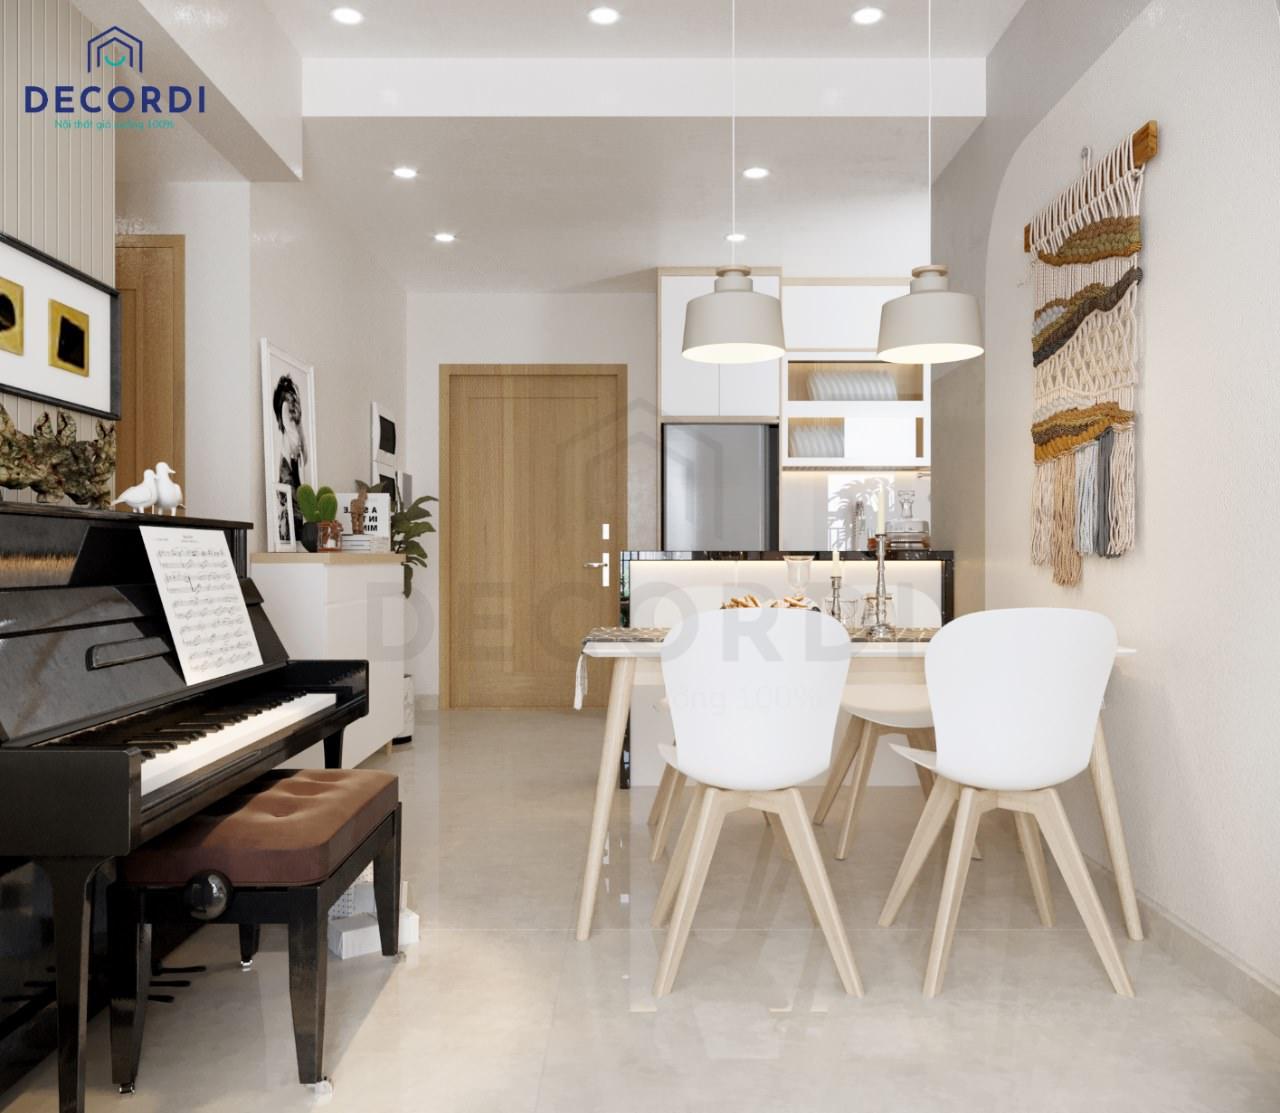 dan piano canh ban an noi that Decordi